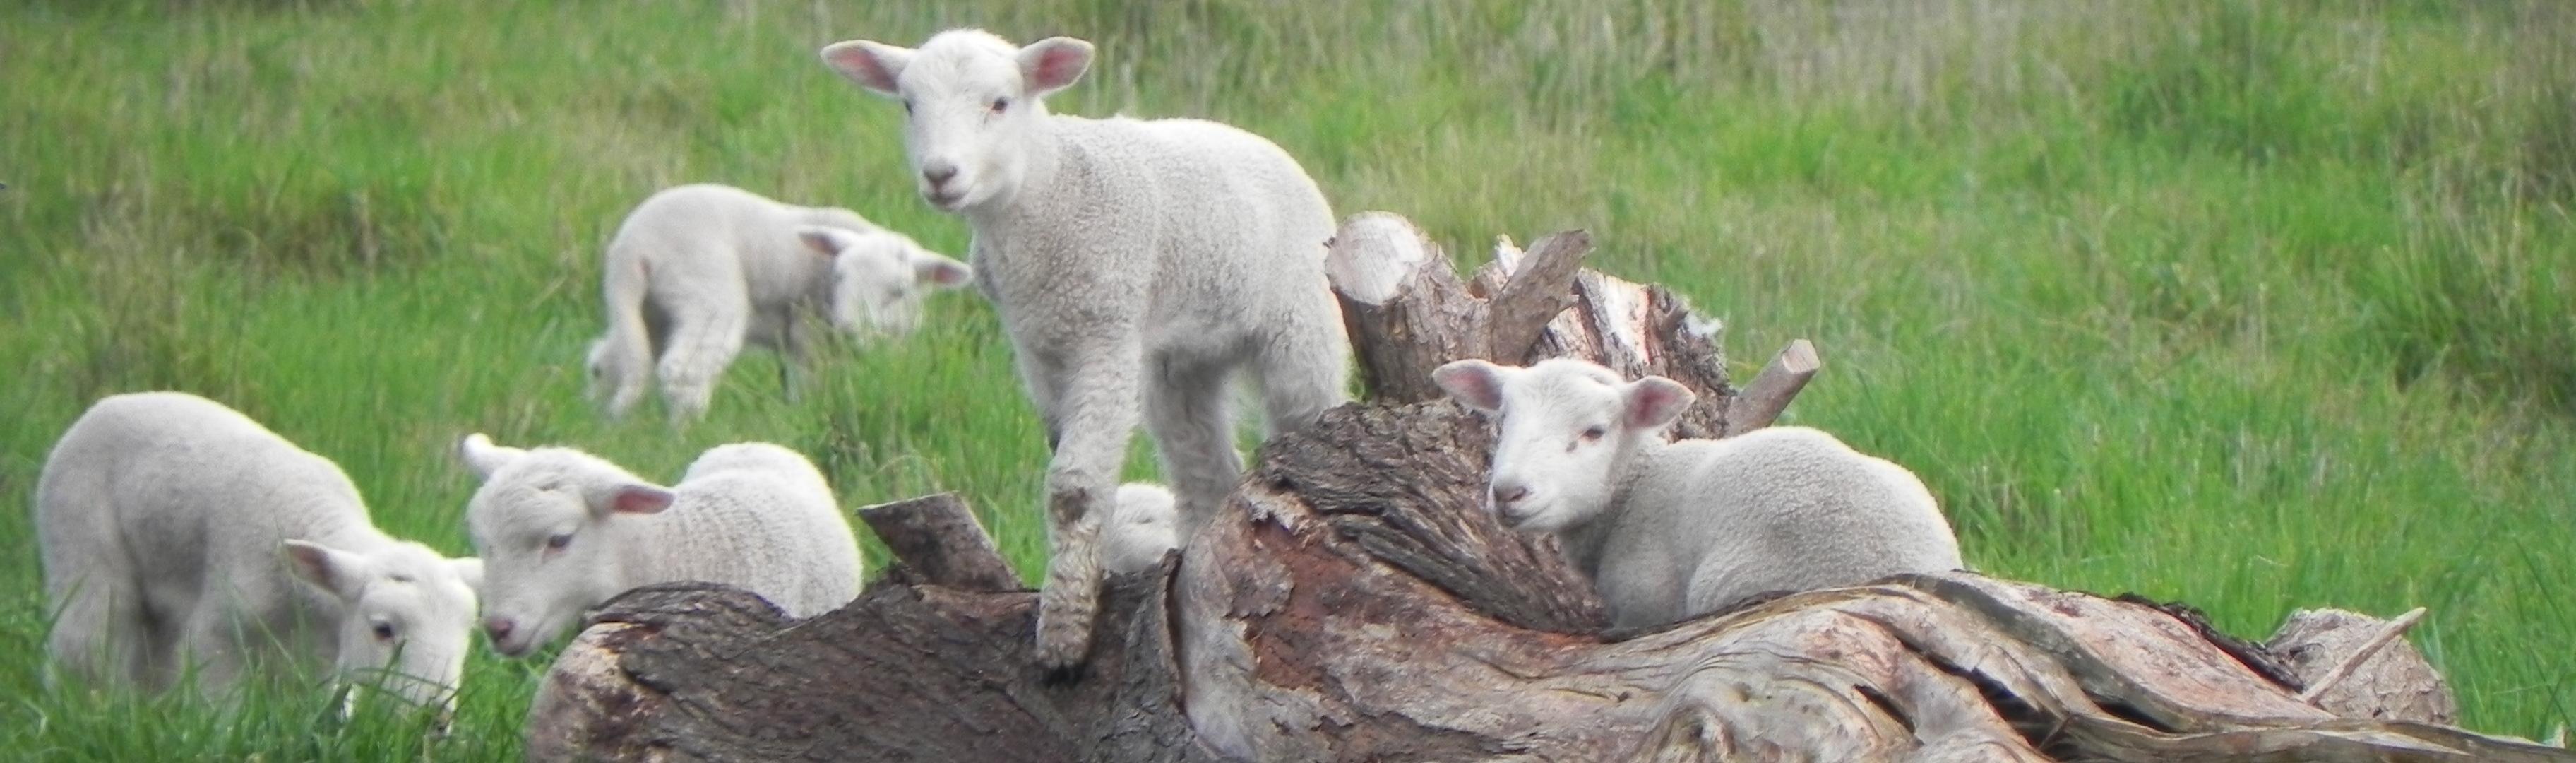 long skinny lamb pic